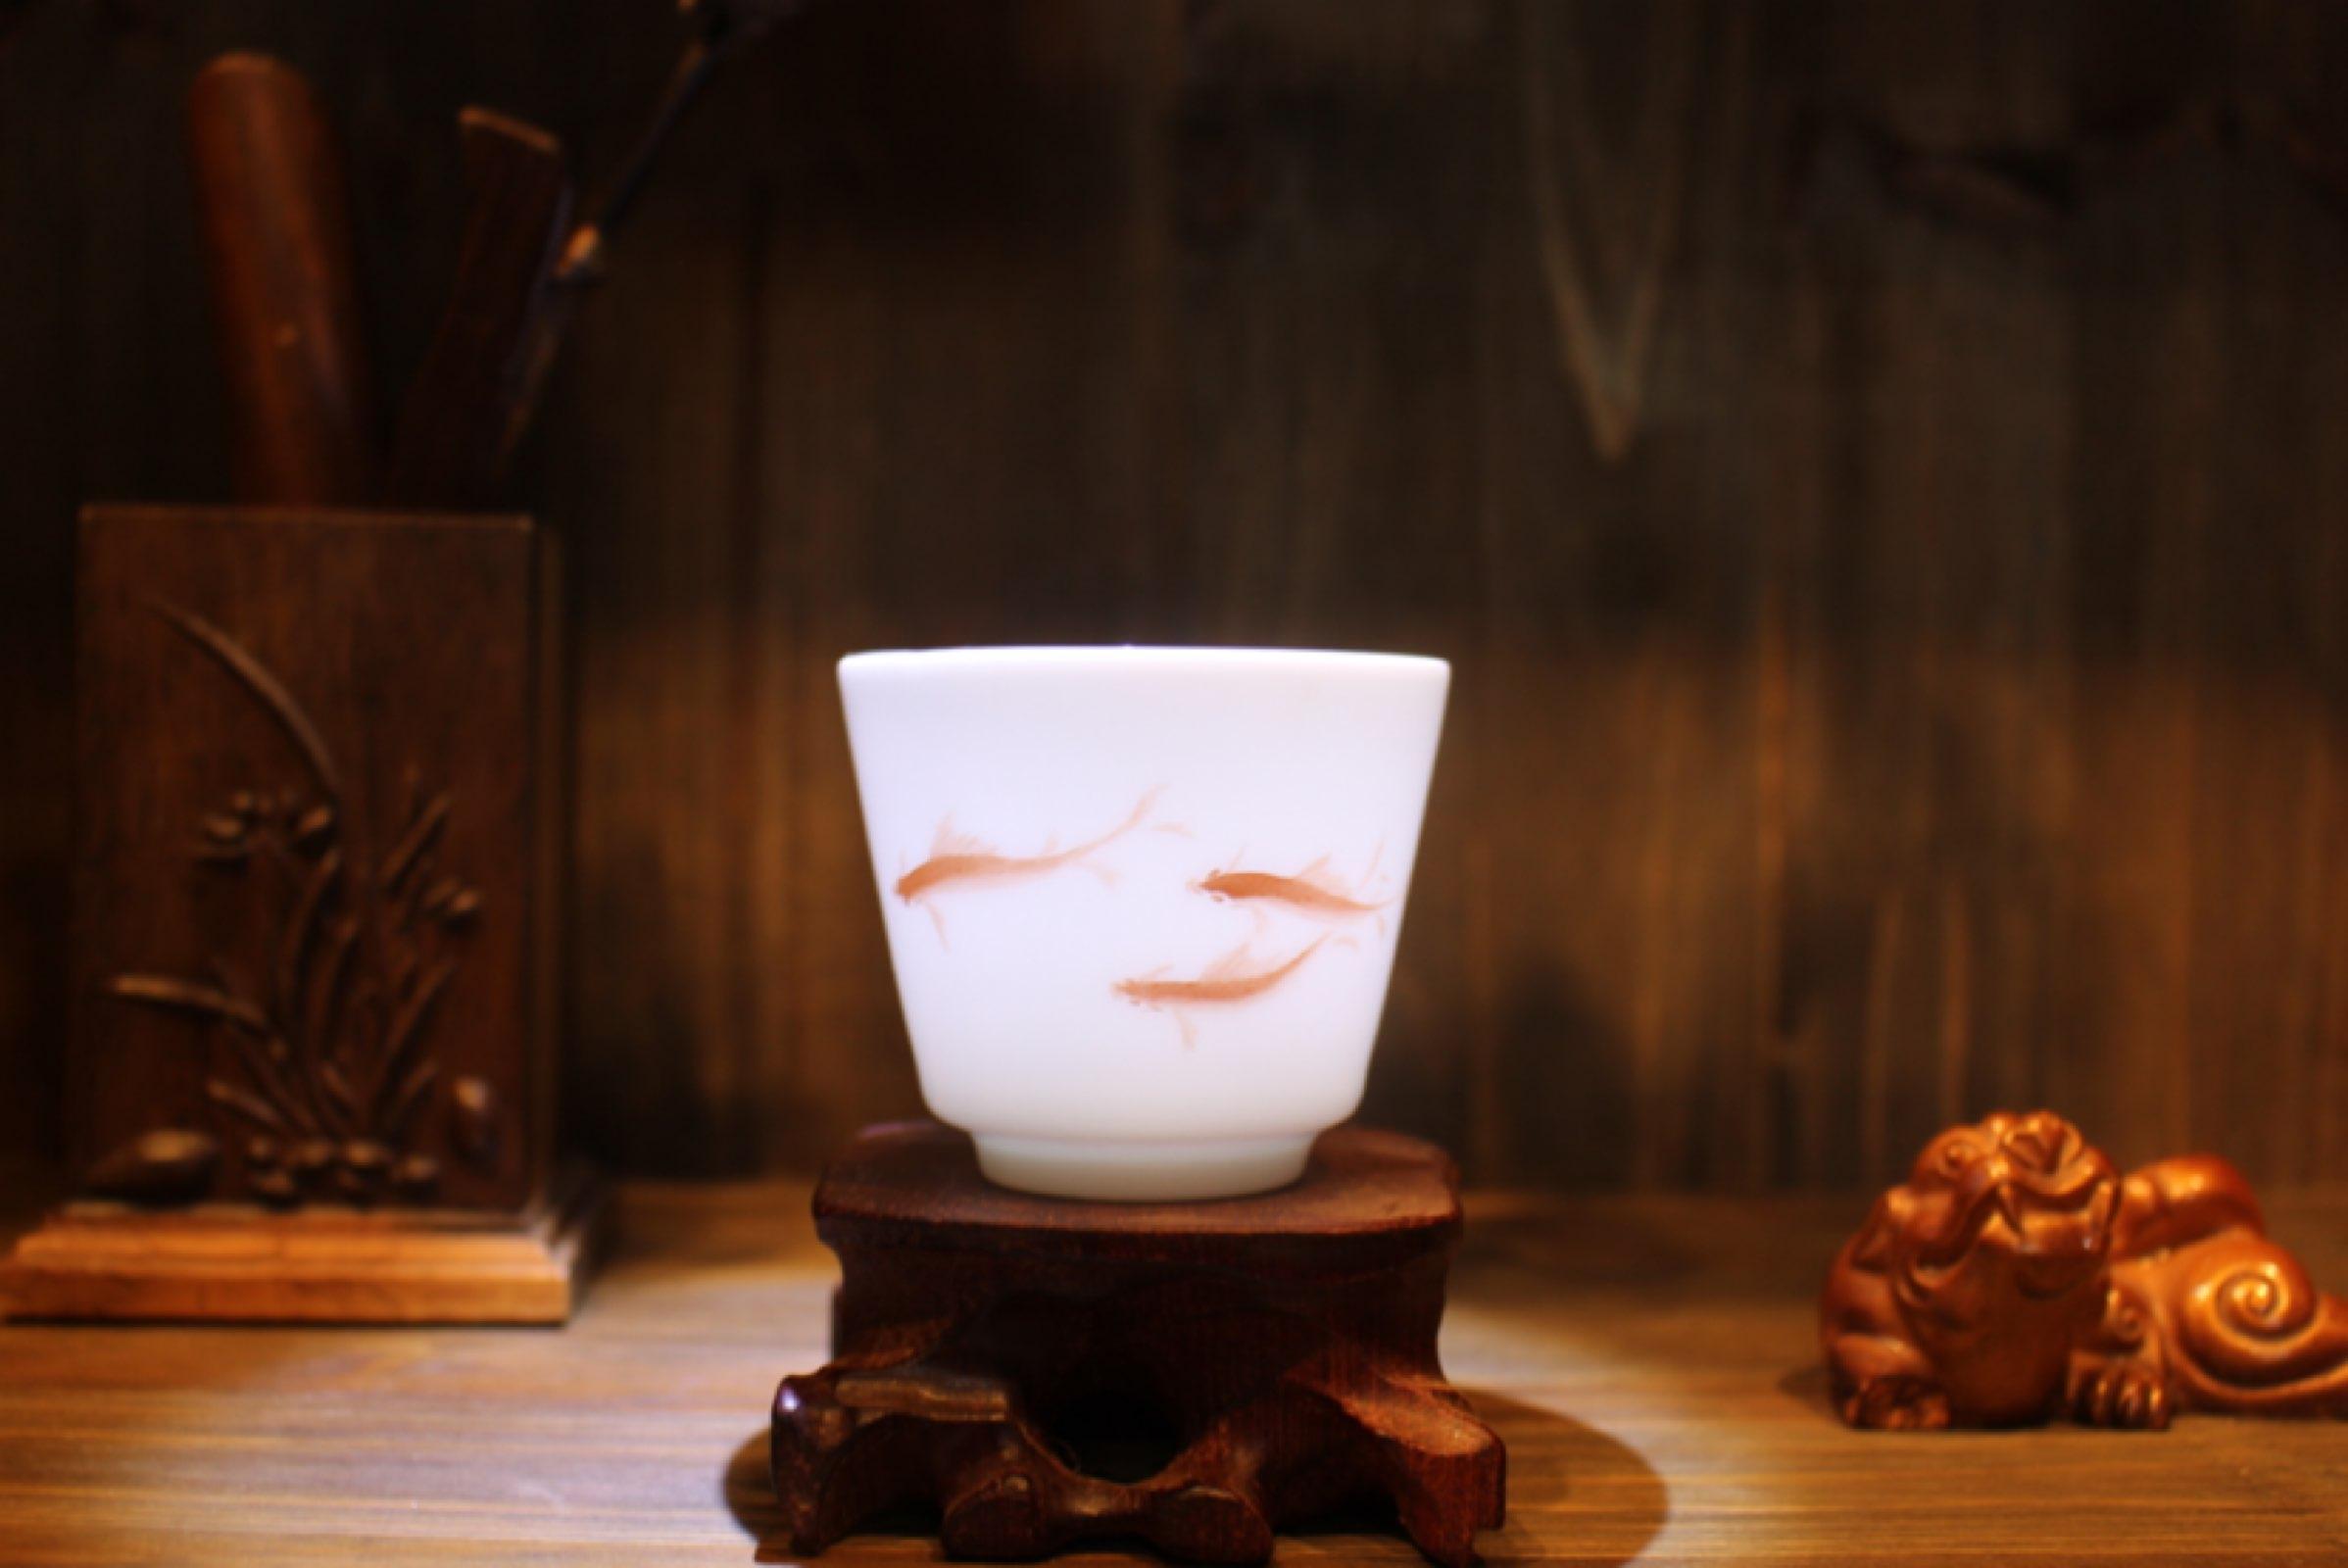 把国画鱼融入到陶瓷茶具上有着怎样的效果?